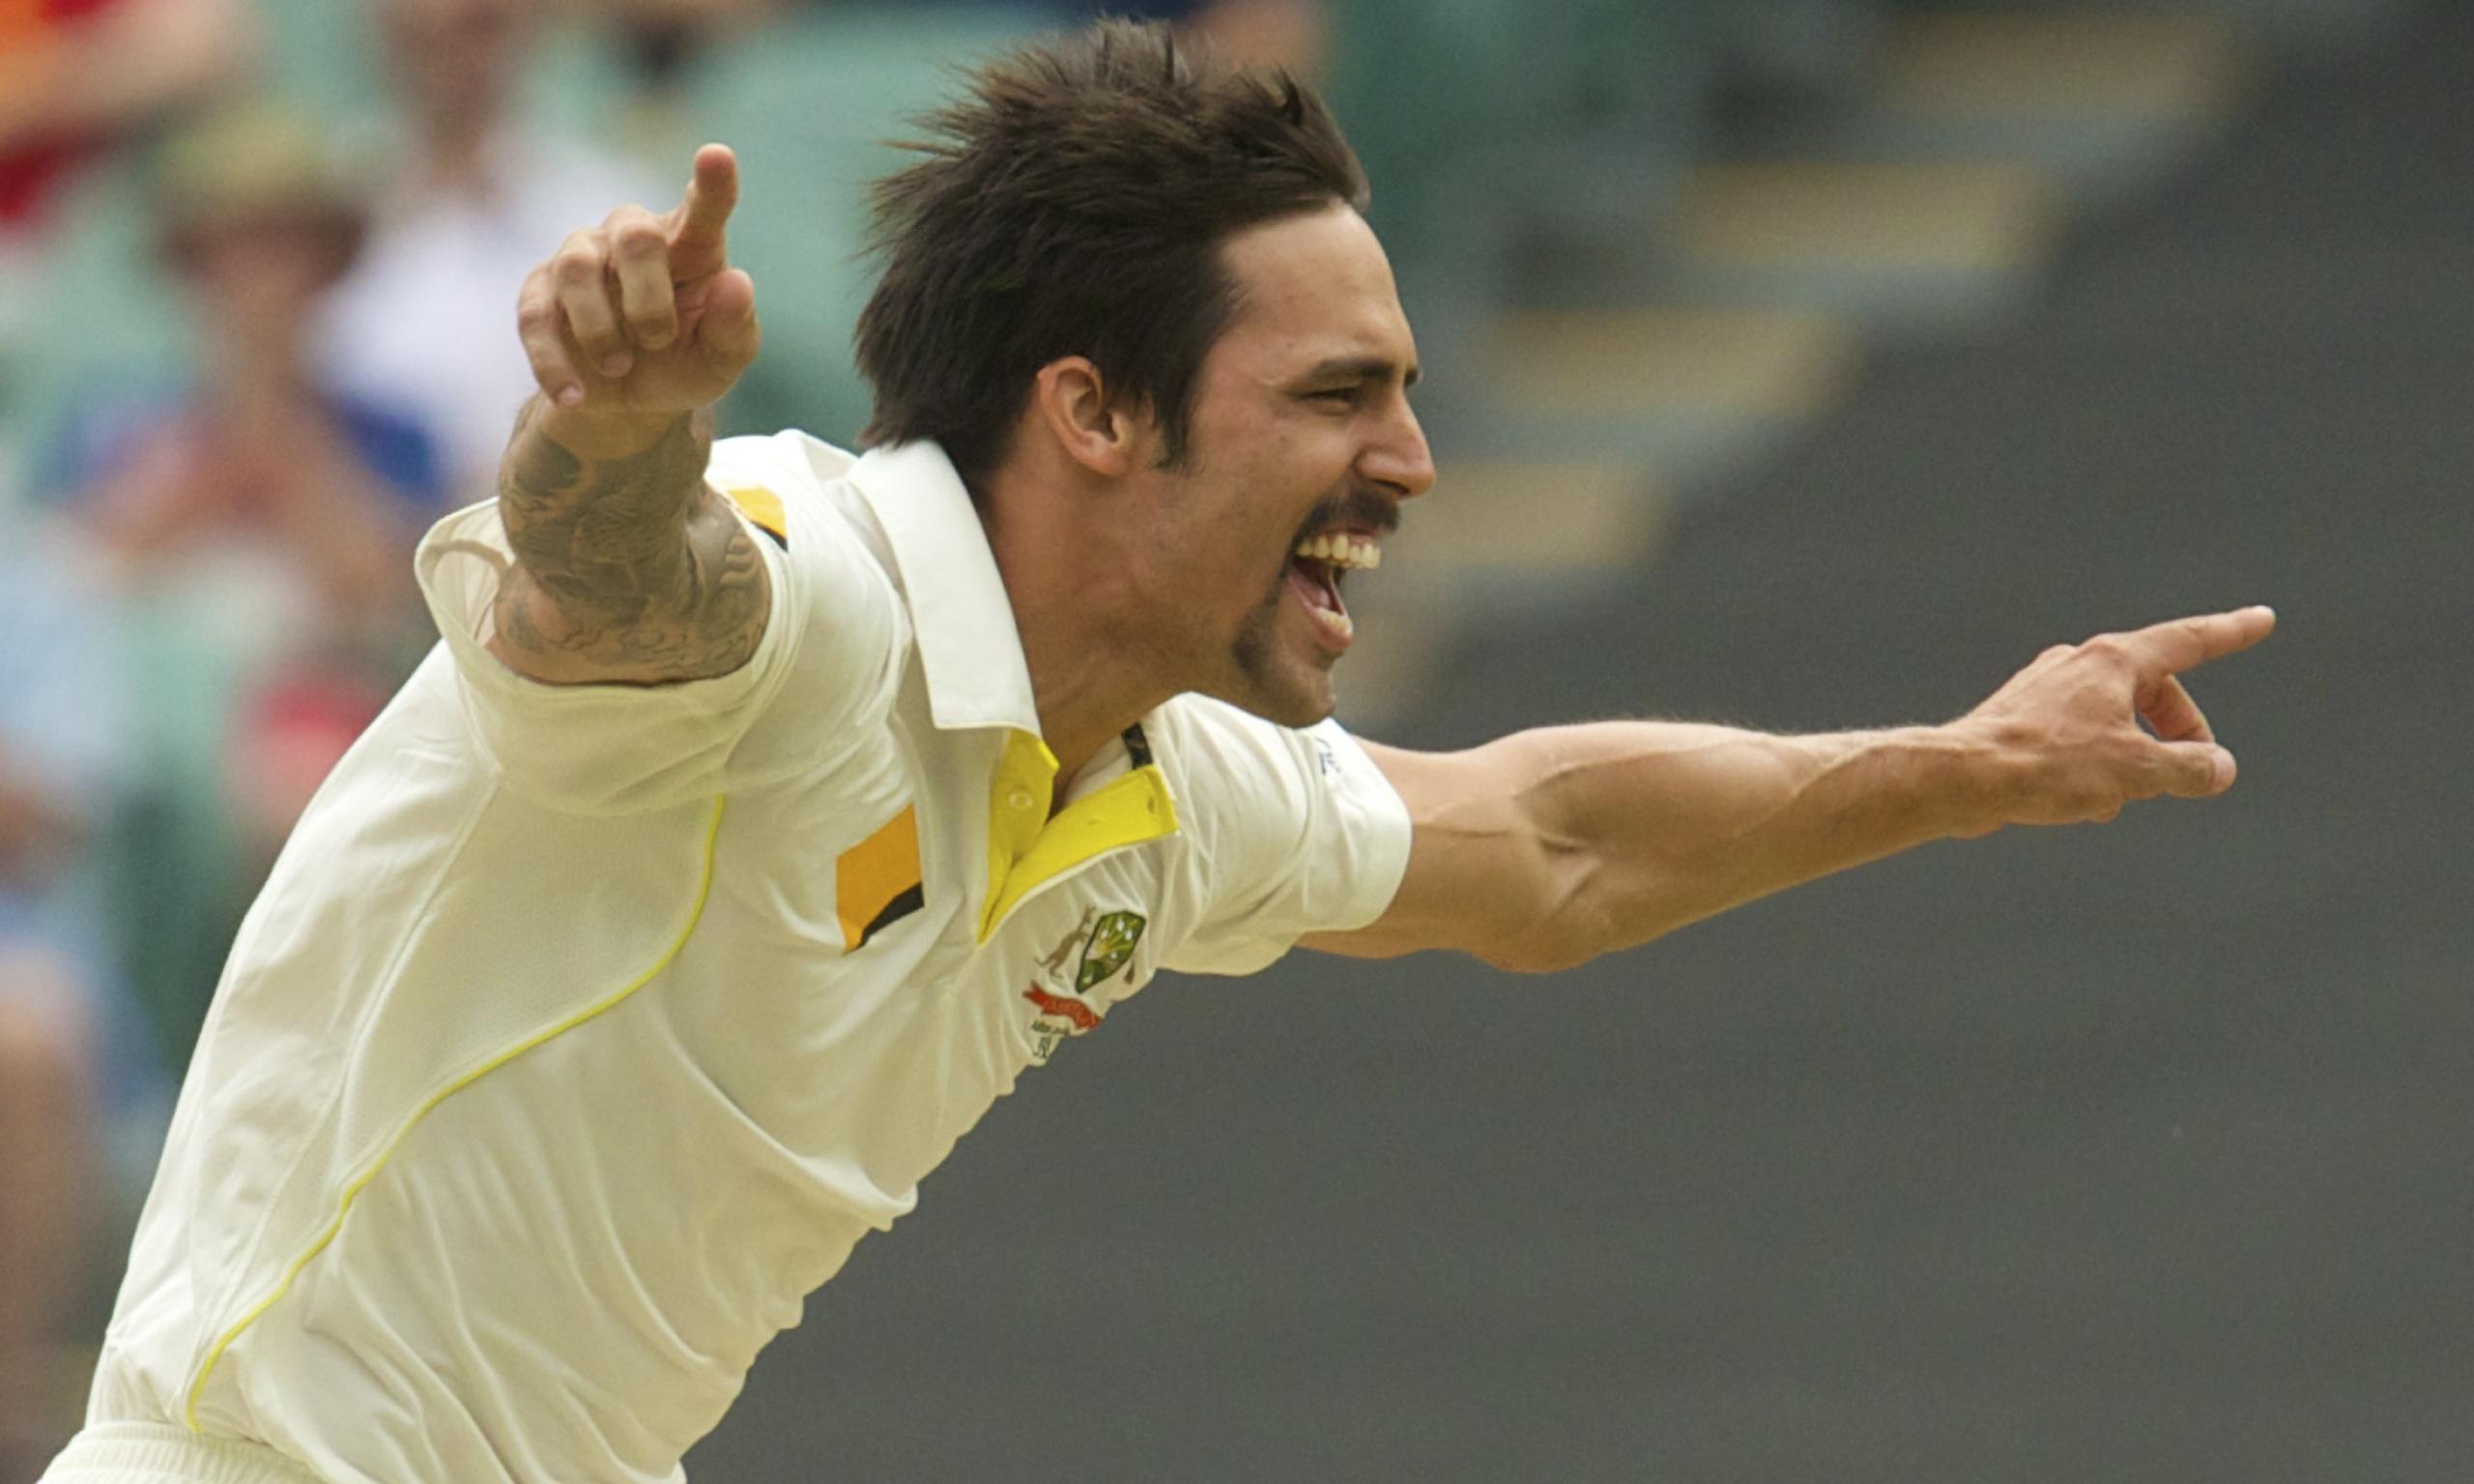 मिचेल जॉनसन ने ऑस्ट्रेलिया को दी चेतावनी, स्टोक्स के बिना भी ऑस्ट्रेलिया को हरा सकती है इंग्लैंड 1